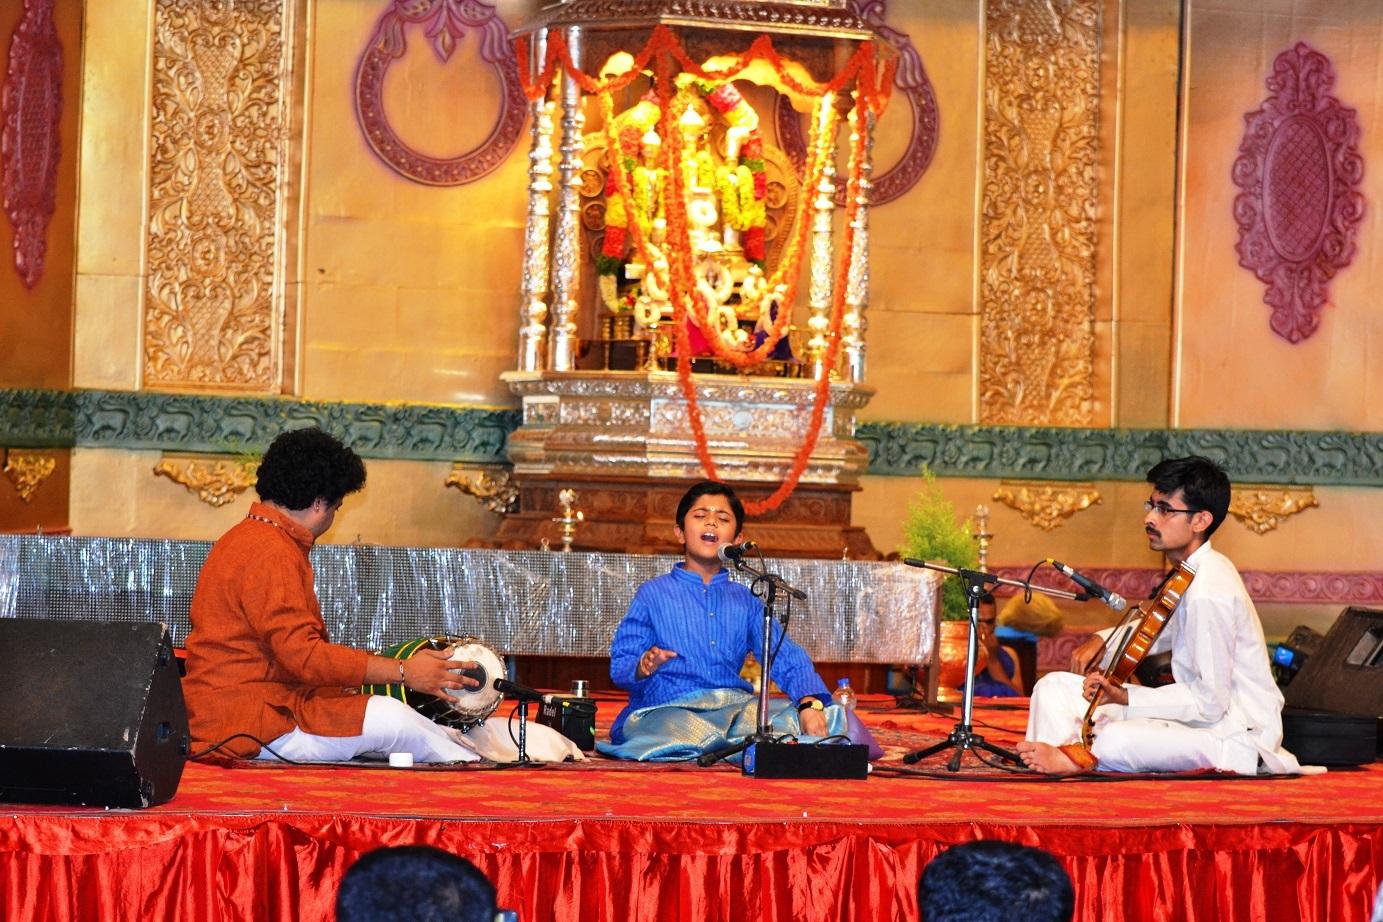 Rahul Vellal at a performance